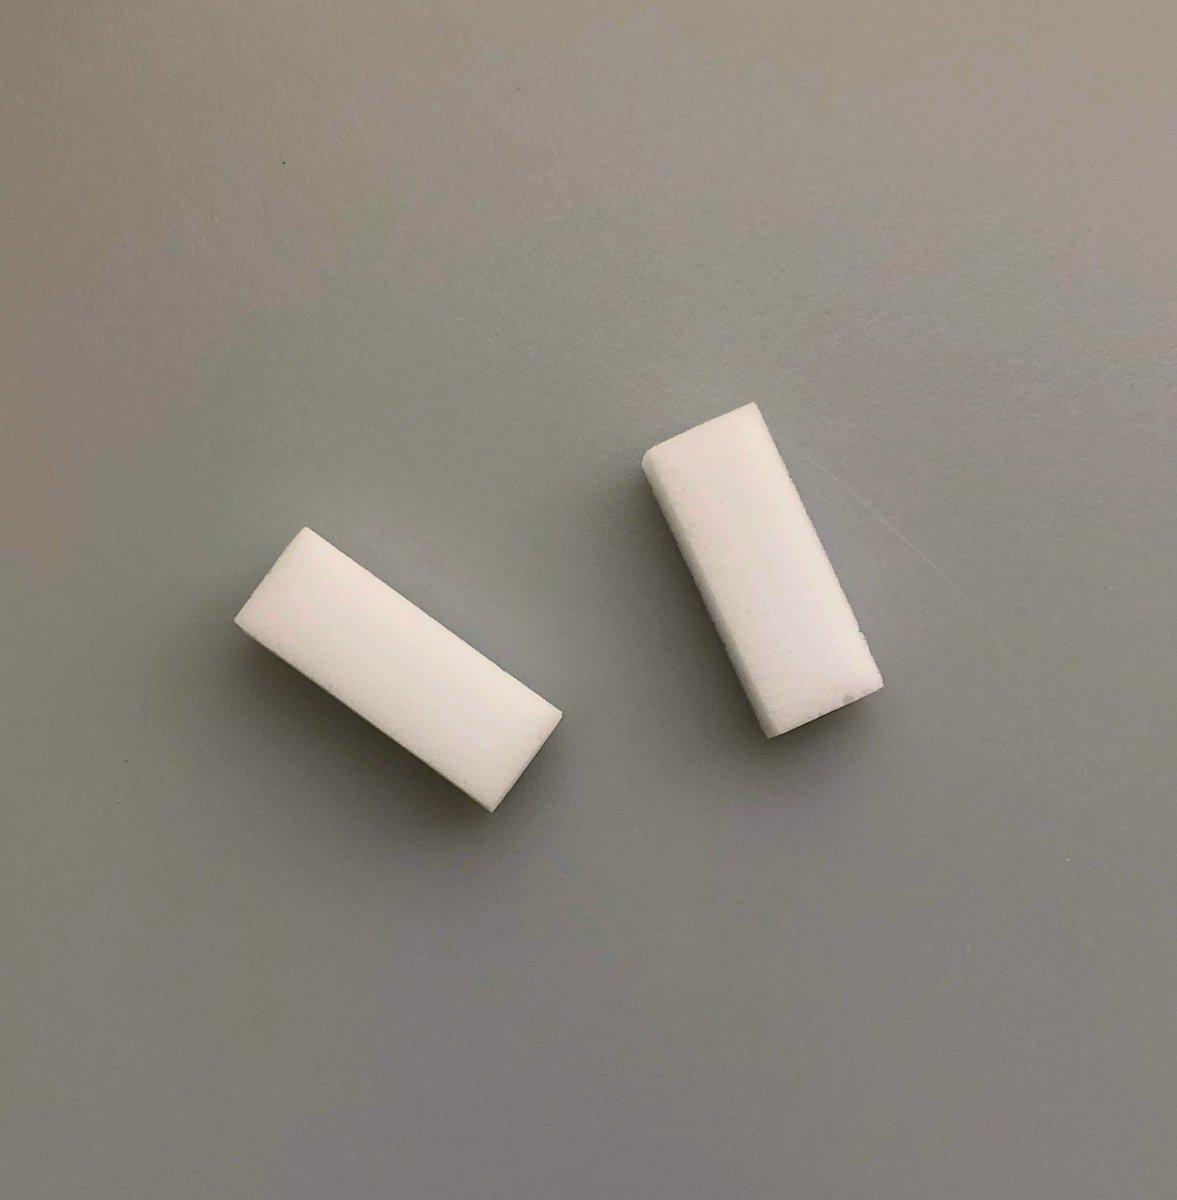 test ツイッターメディア - 白い歯で息さわやか…あこがれませんか!?  #キャンドゥ #100均 #オーラルケア #口腔ケア #ホワイトニングスポンジ #ステイン除去 #汚れ除去 #水を浸けてこするだけ #ホワイトニング #黄ばみ #歯学博士監修 #舌クリーナー #口臭対策 #舌汚れ #歯の衛生週間 #歯と口の健康週間 https://t.co/Qb6XF6PnX2